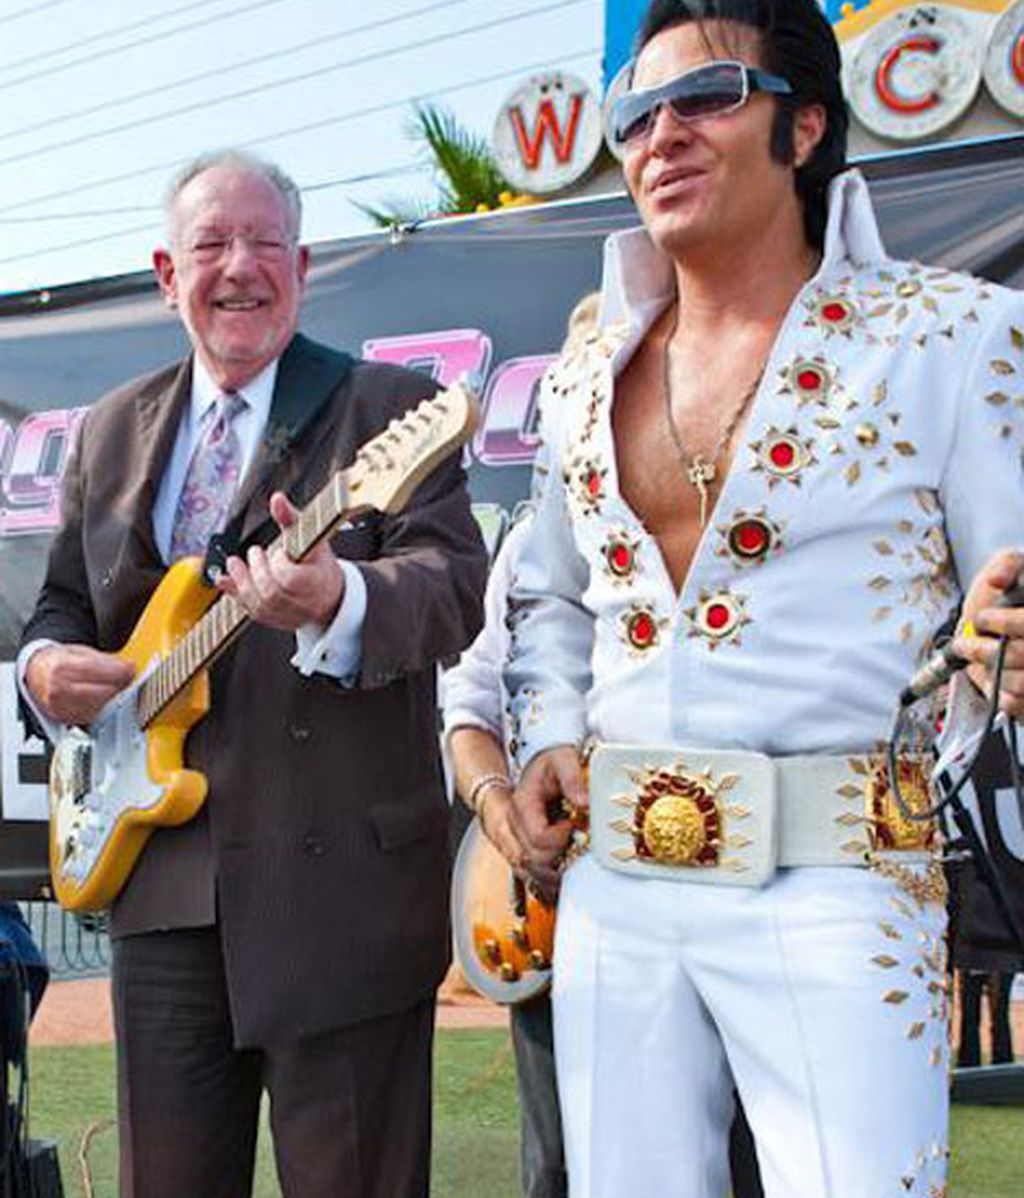 Oscar Goodman, exalcalde de Las Vegas, es el anfitrión de la inauguración del Museo de la Mafia